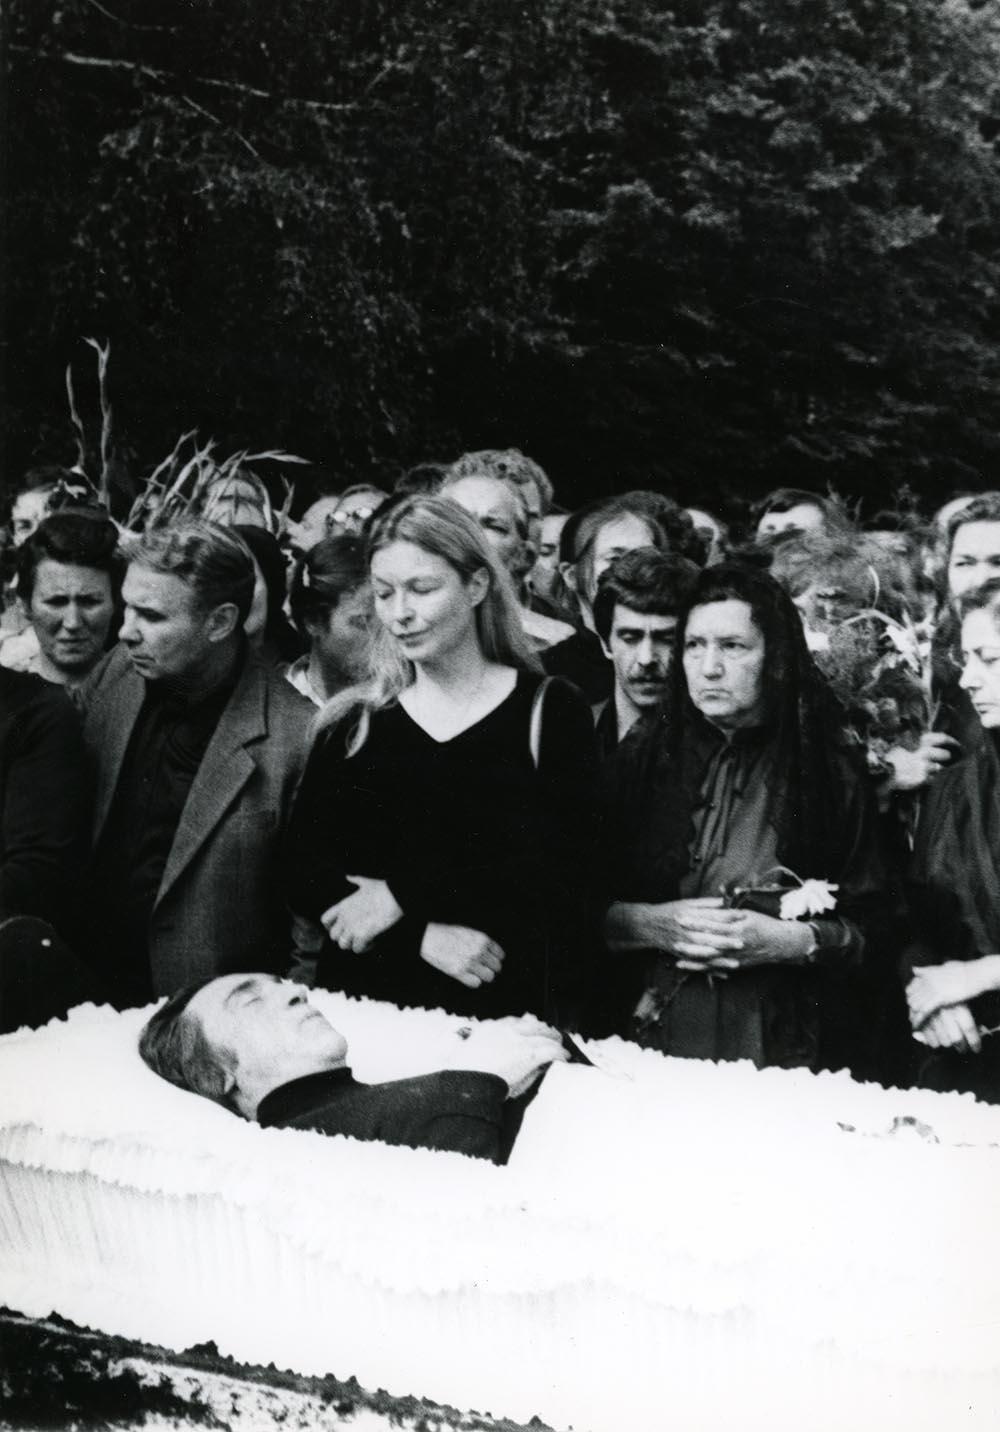 1980. Похороны Владимира Высоцкого. ул. Чкалова (Земляной вал). 28 июля (4)